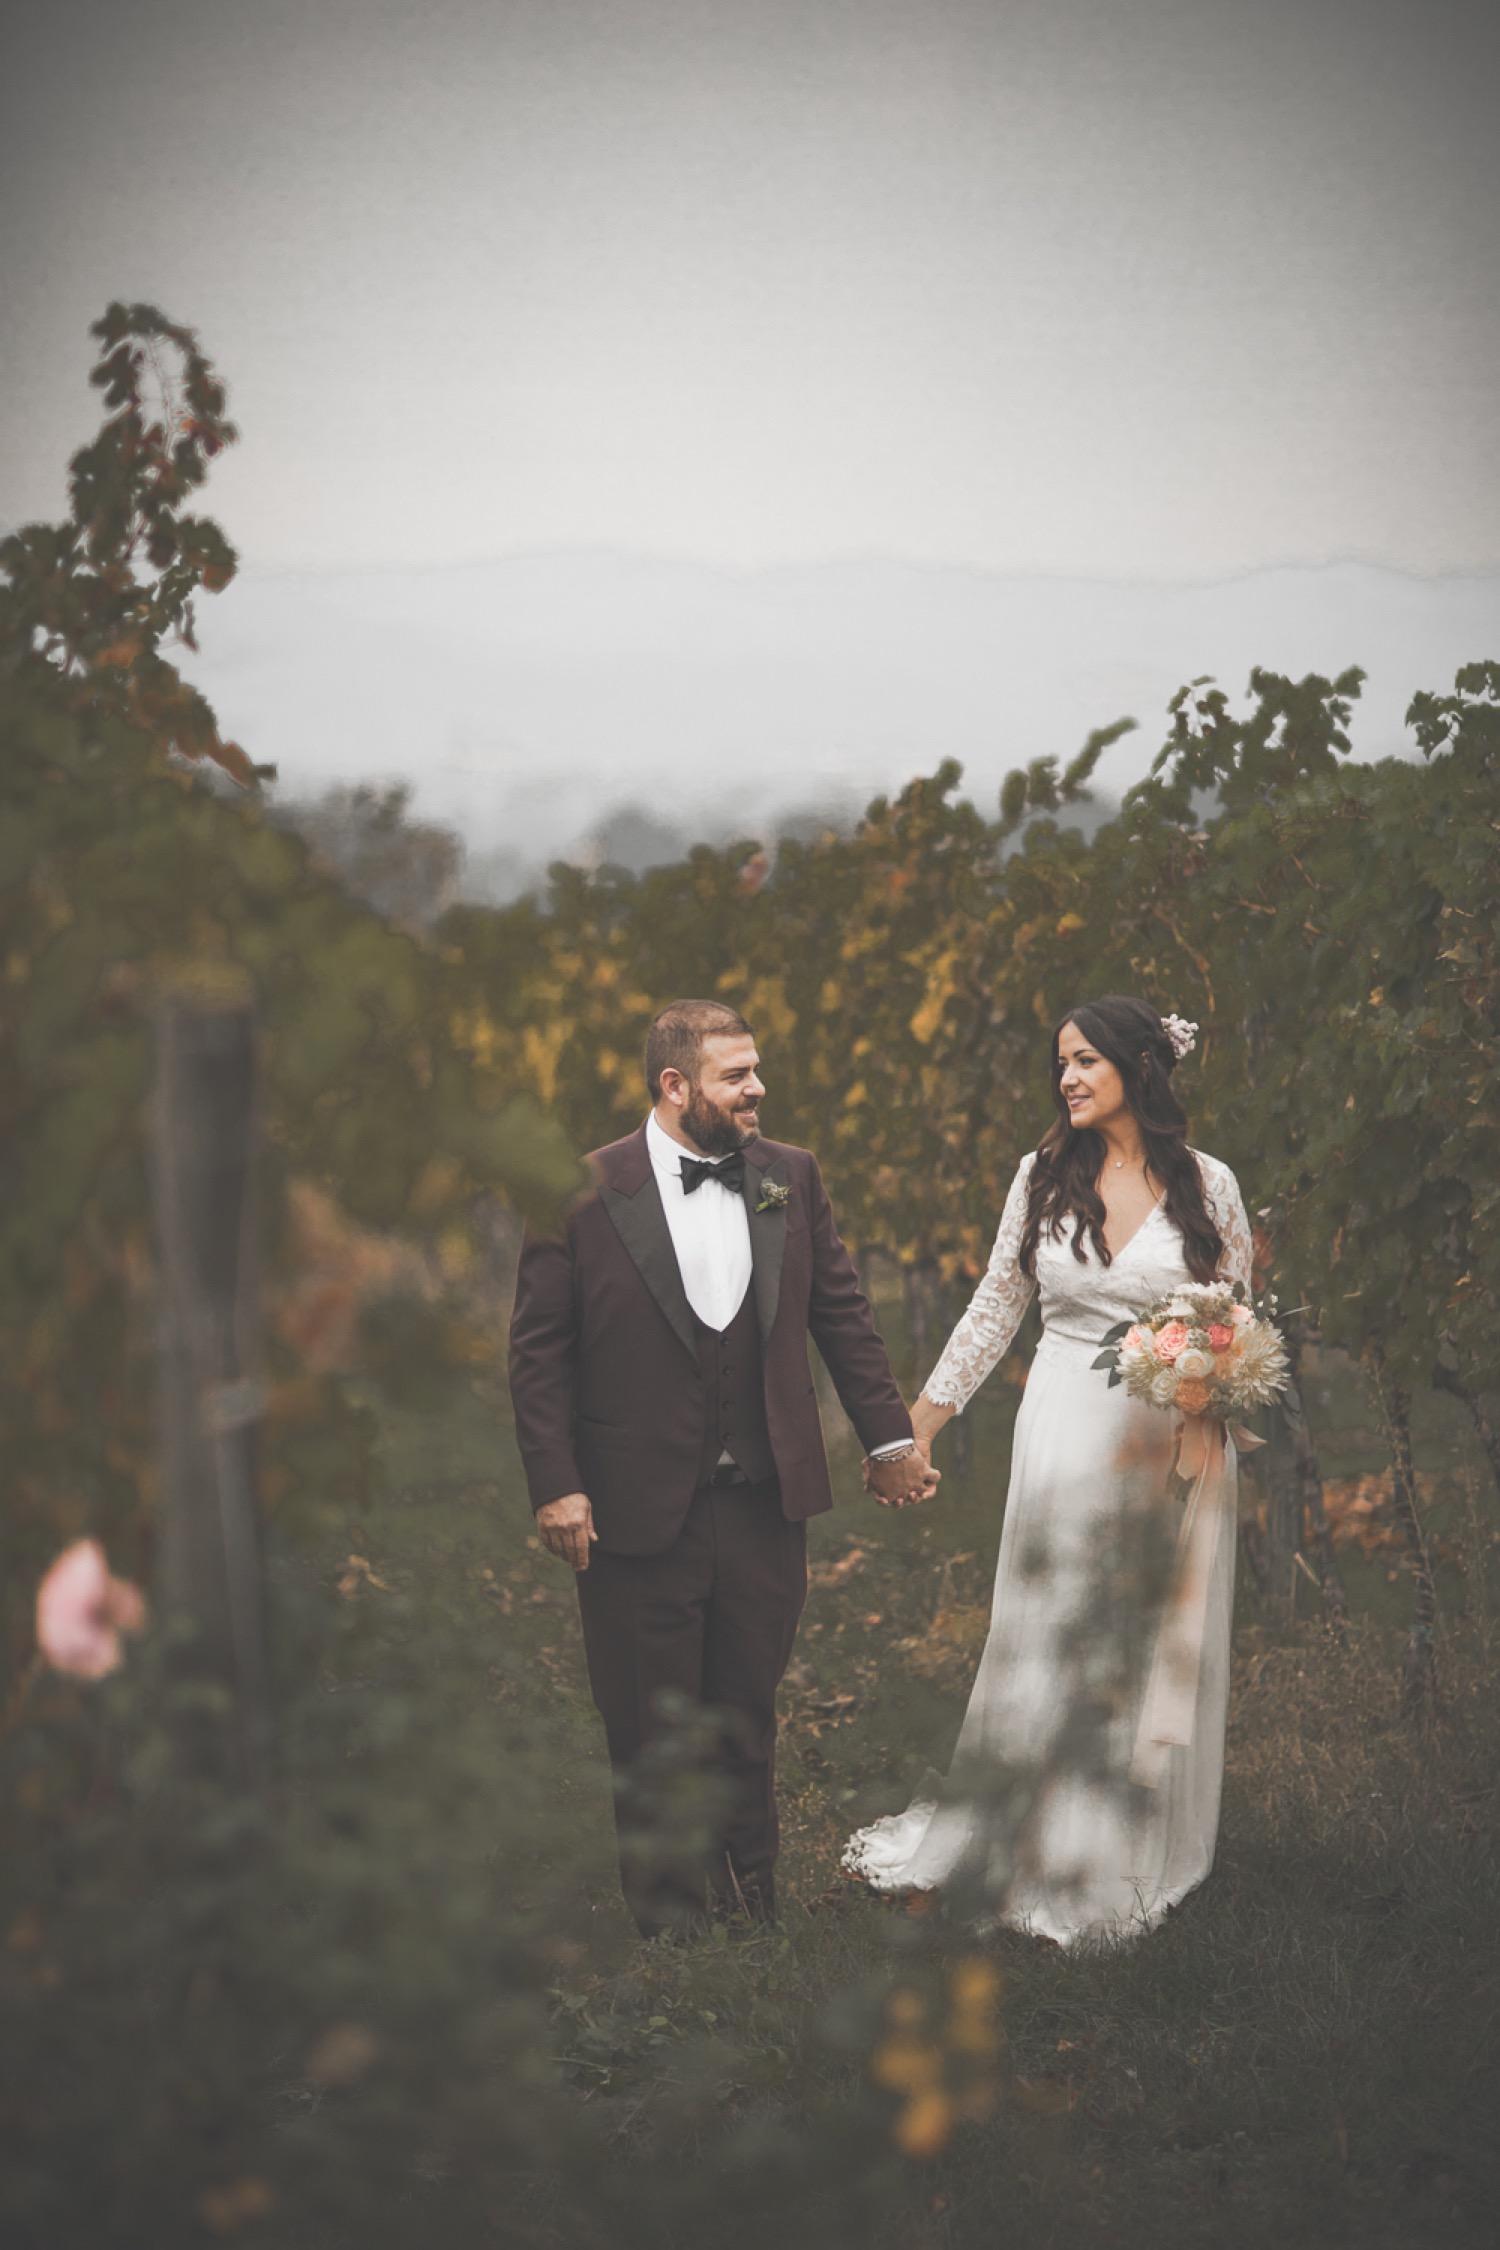 879a26ed 9134 47cf 845d e3c262d1d501 featured - Fotografo matrimonio Marche, la storia di Cri e Simo